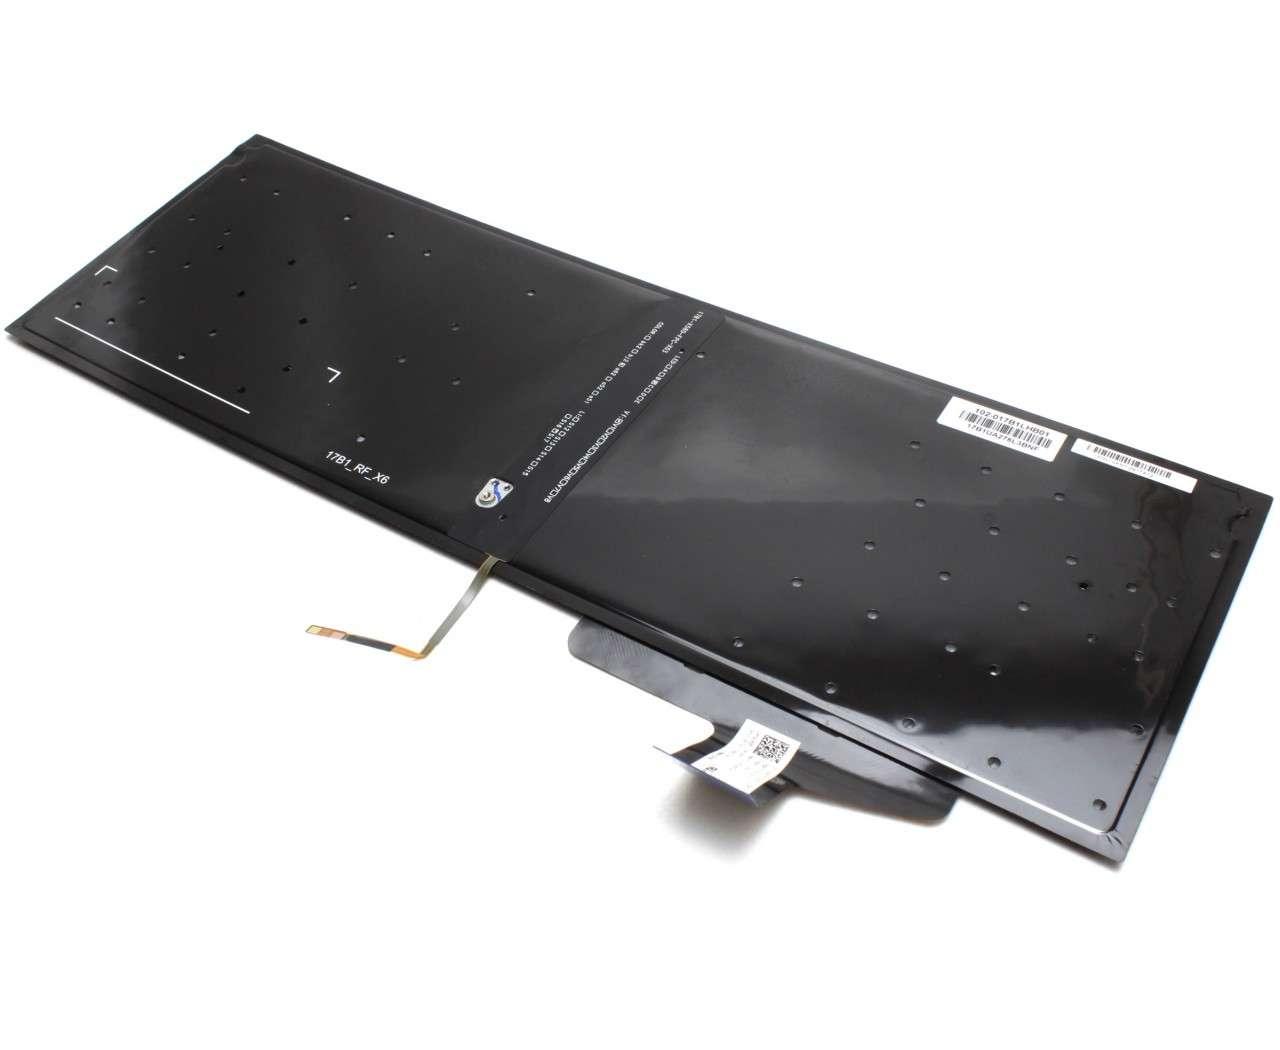 Tastatura Asus VivoBook X580 iluminata layout US fara rama enter mic imagine powerlaptop.ro 2021